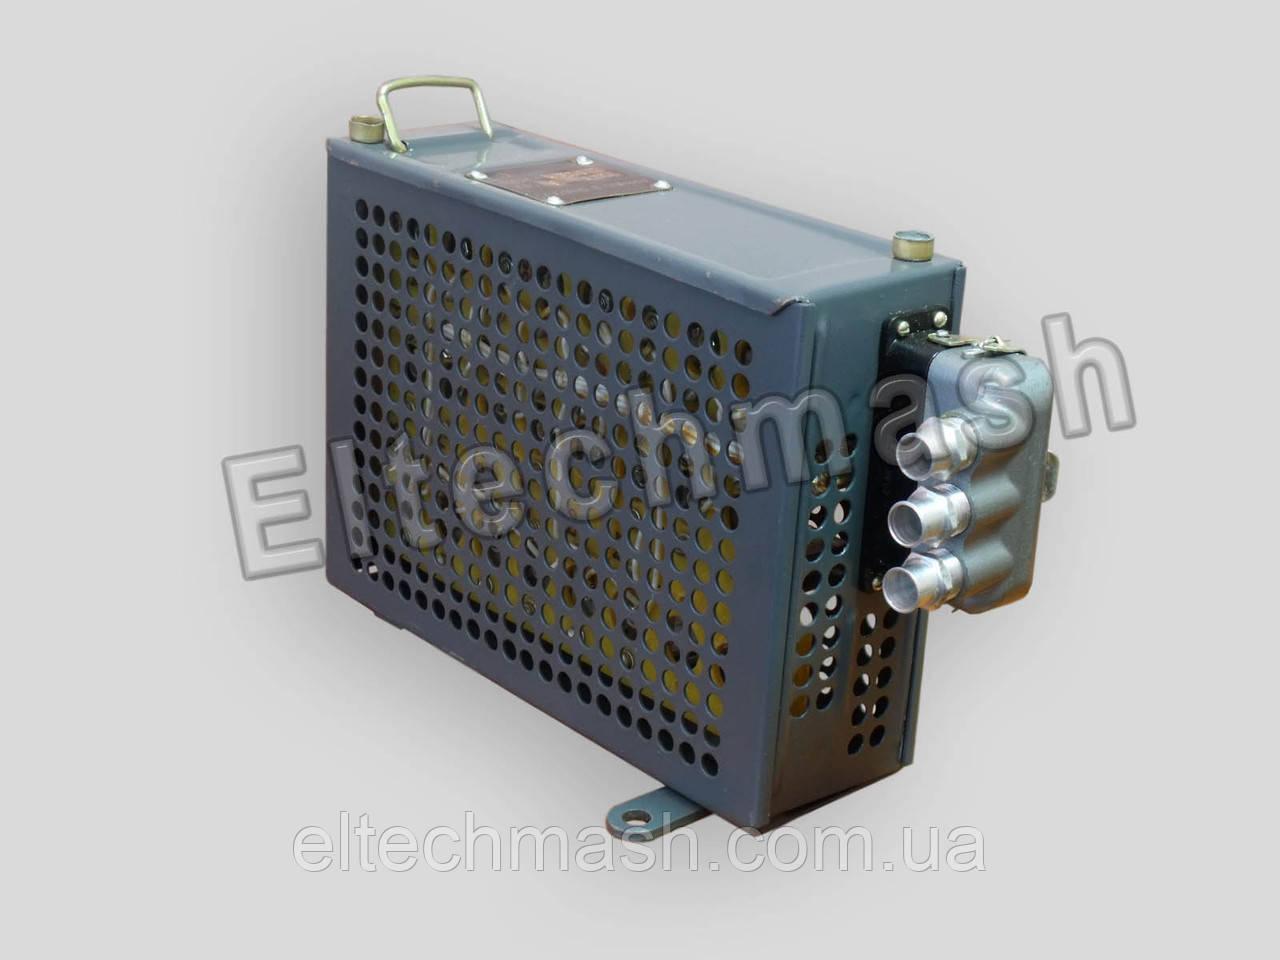 Блок выпрямителей БВ-1203АУ2 ИАКВ.435214.012 (3ТХ.670.244-01)